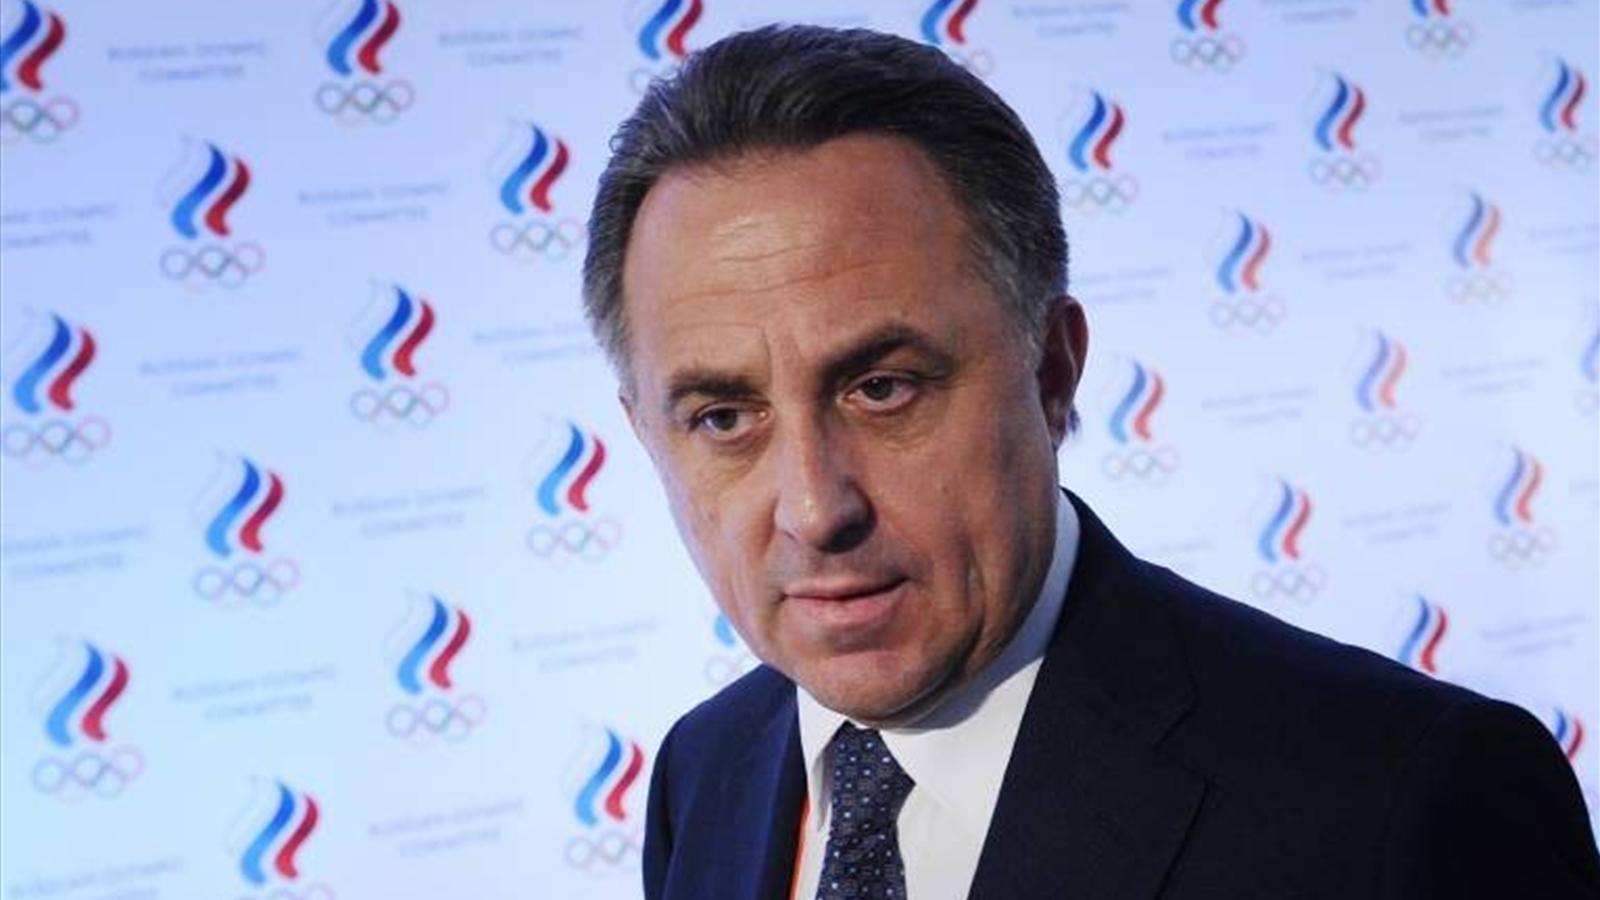 Мутко: Матч Россия - США не несет политической подоплеки